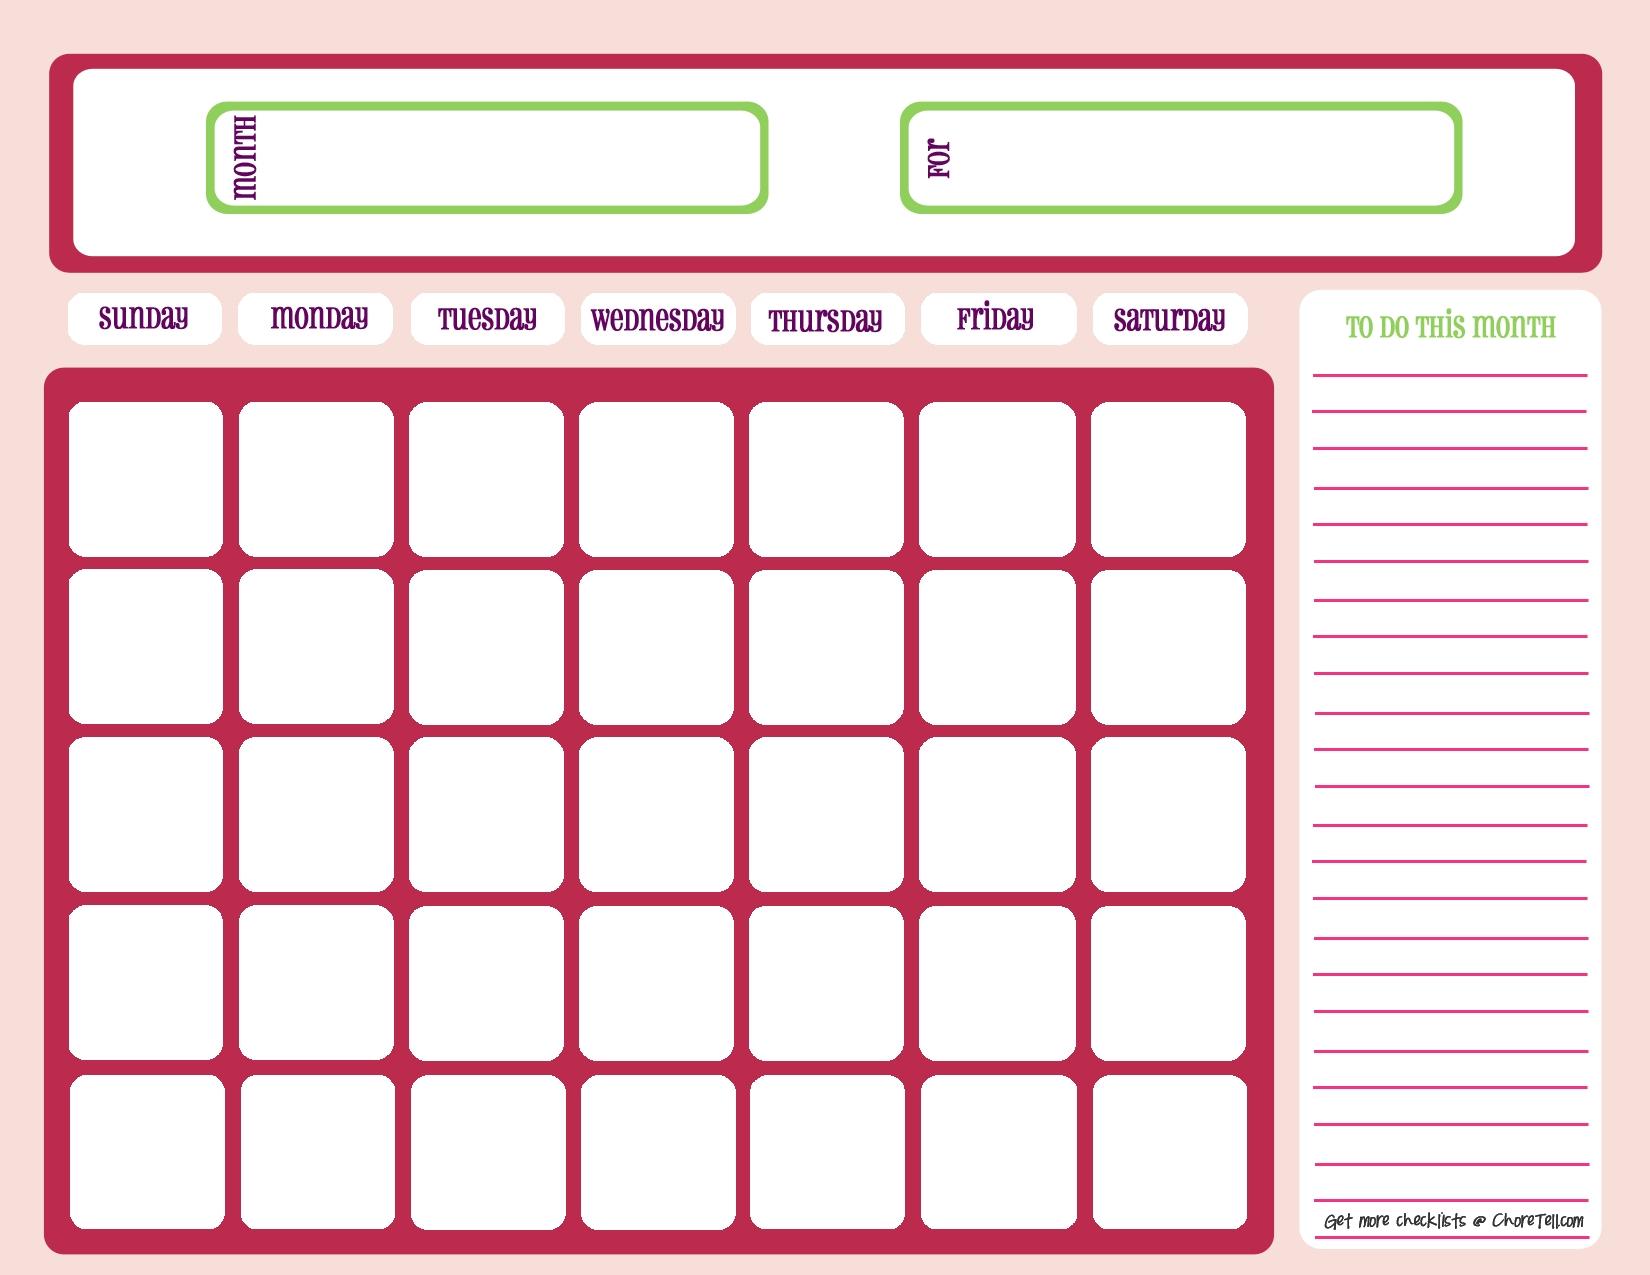 lovely cute printable monthly planner downloadtarget Cute Printable Blank Calendar Weekly Schedule erdferdf